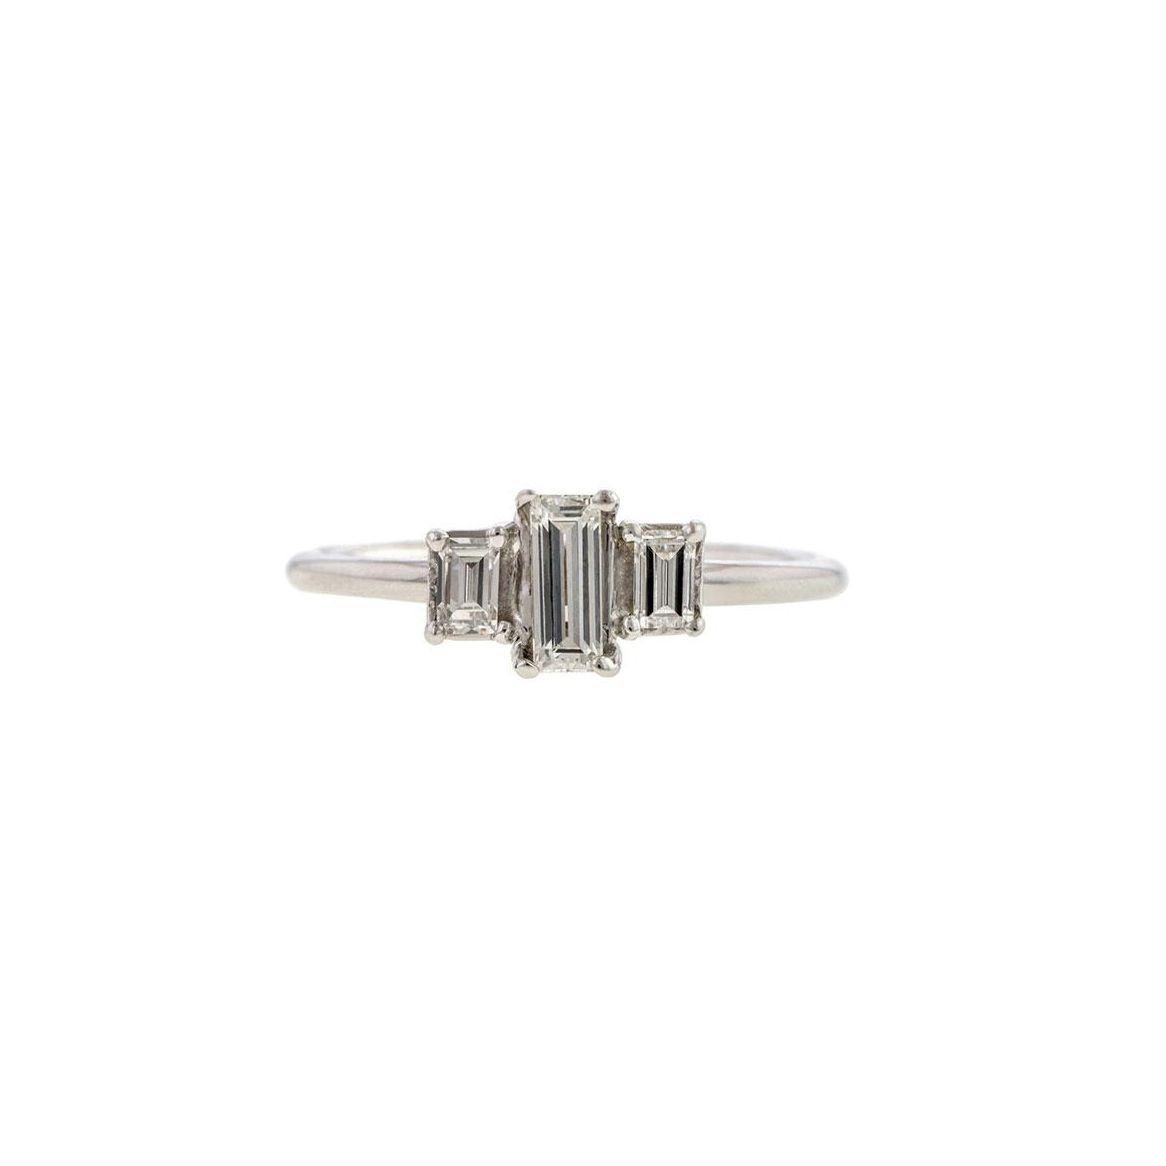 Doyle & Doyle Estate Baguette Cut Diamond Ring, Baguette 0.22ct